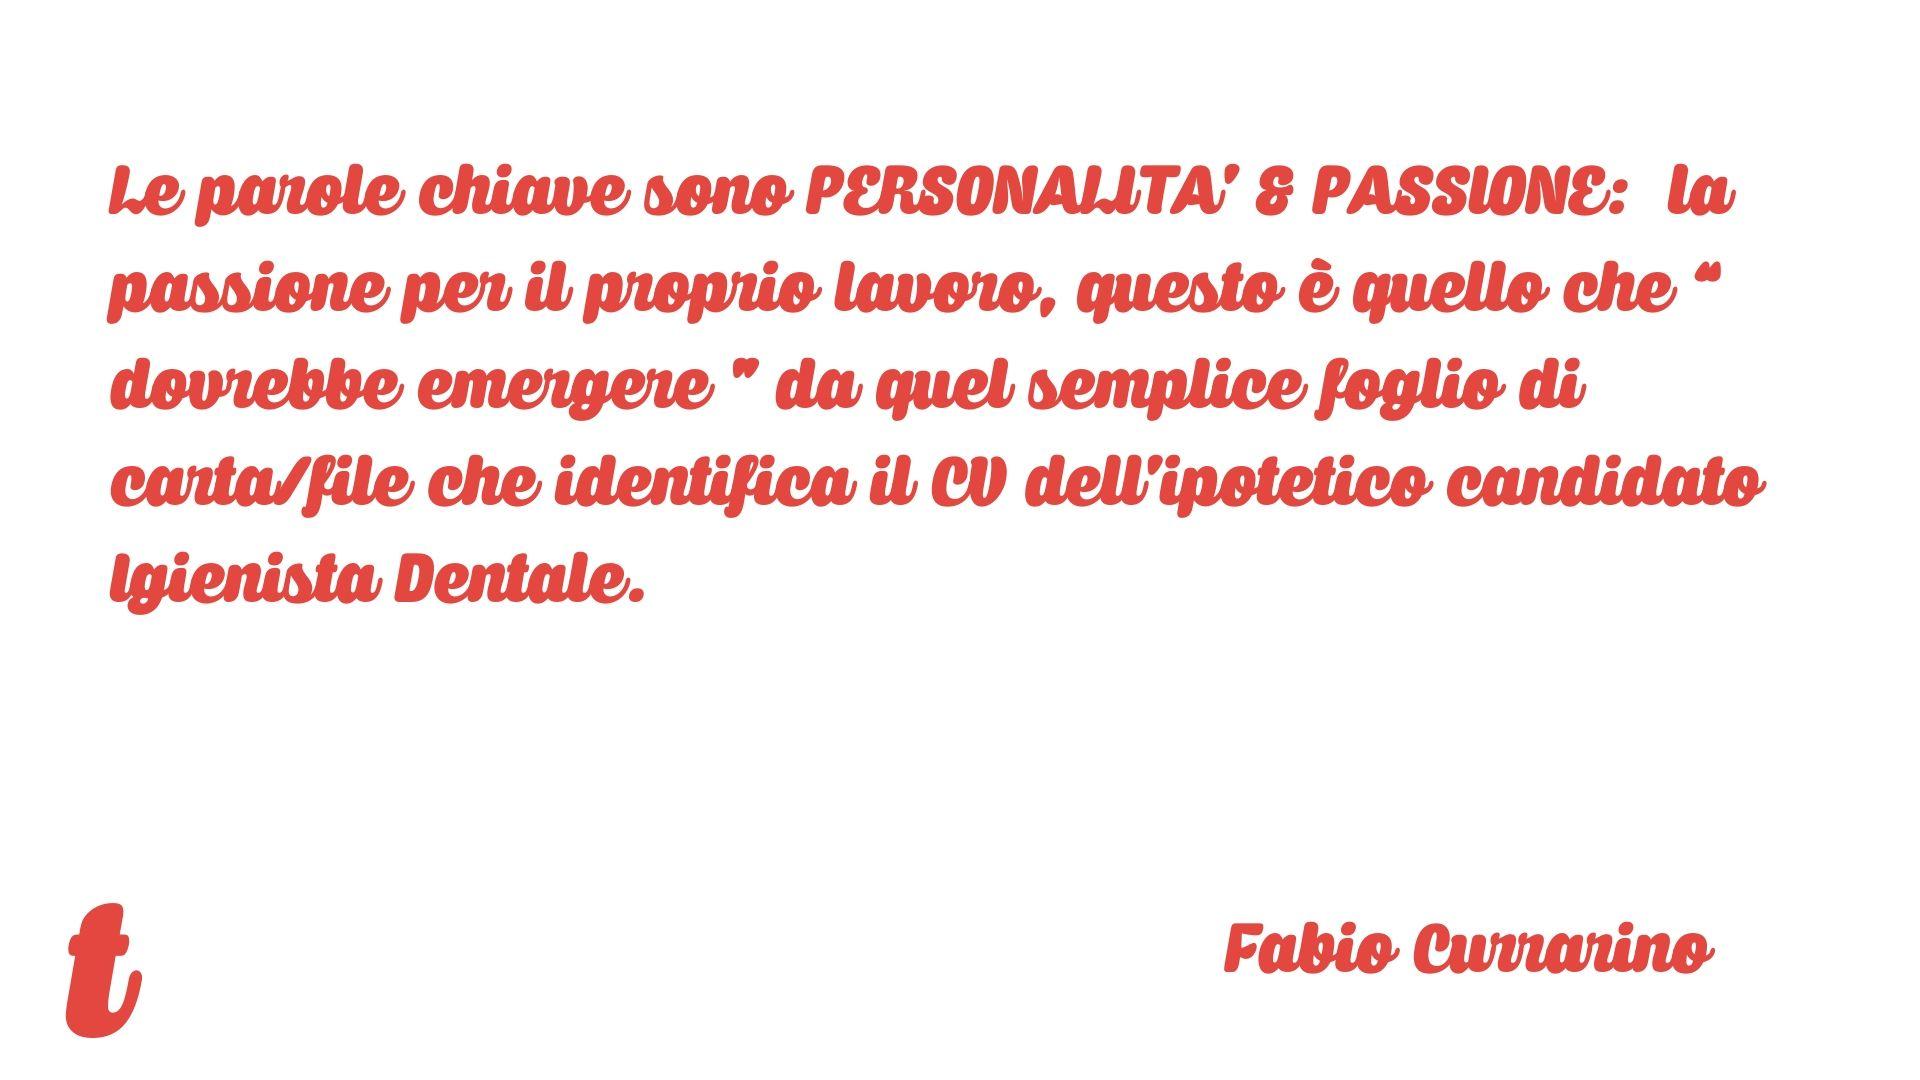 Fabio Currarino